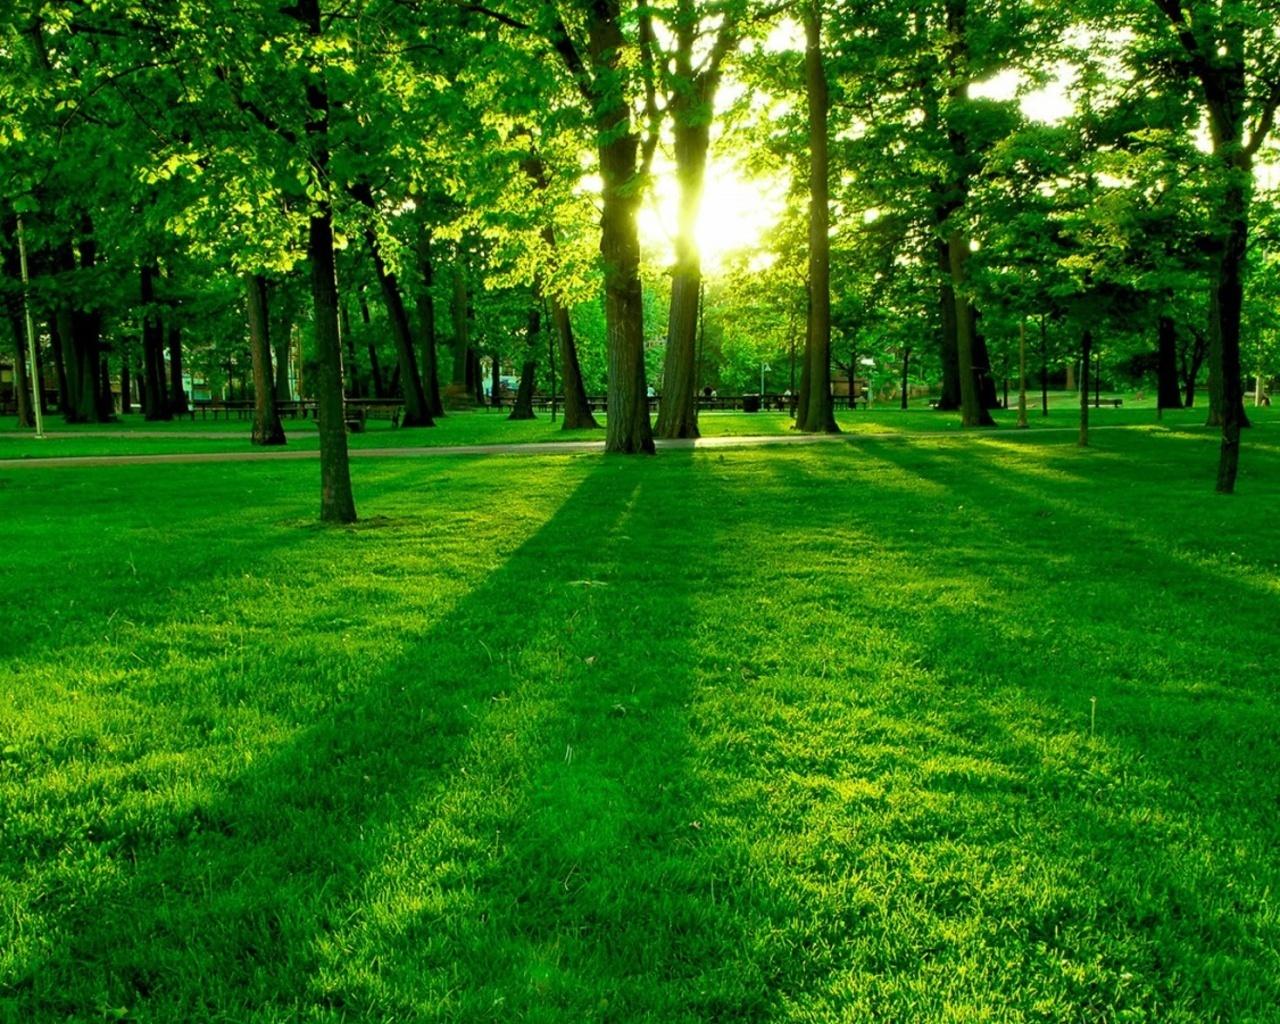 http://3.bp.blogspot.com/-SwTN2lphCkk/T--nIKvVj4I/AAAAAAAADrI/Xcq8mbsCaK4/s1600/Green-Forest-Wallpaper-green-20036604-1280-1024.jpg